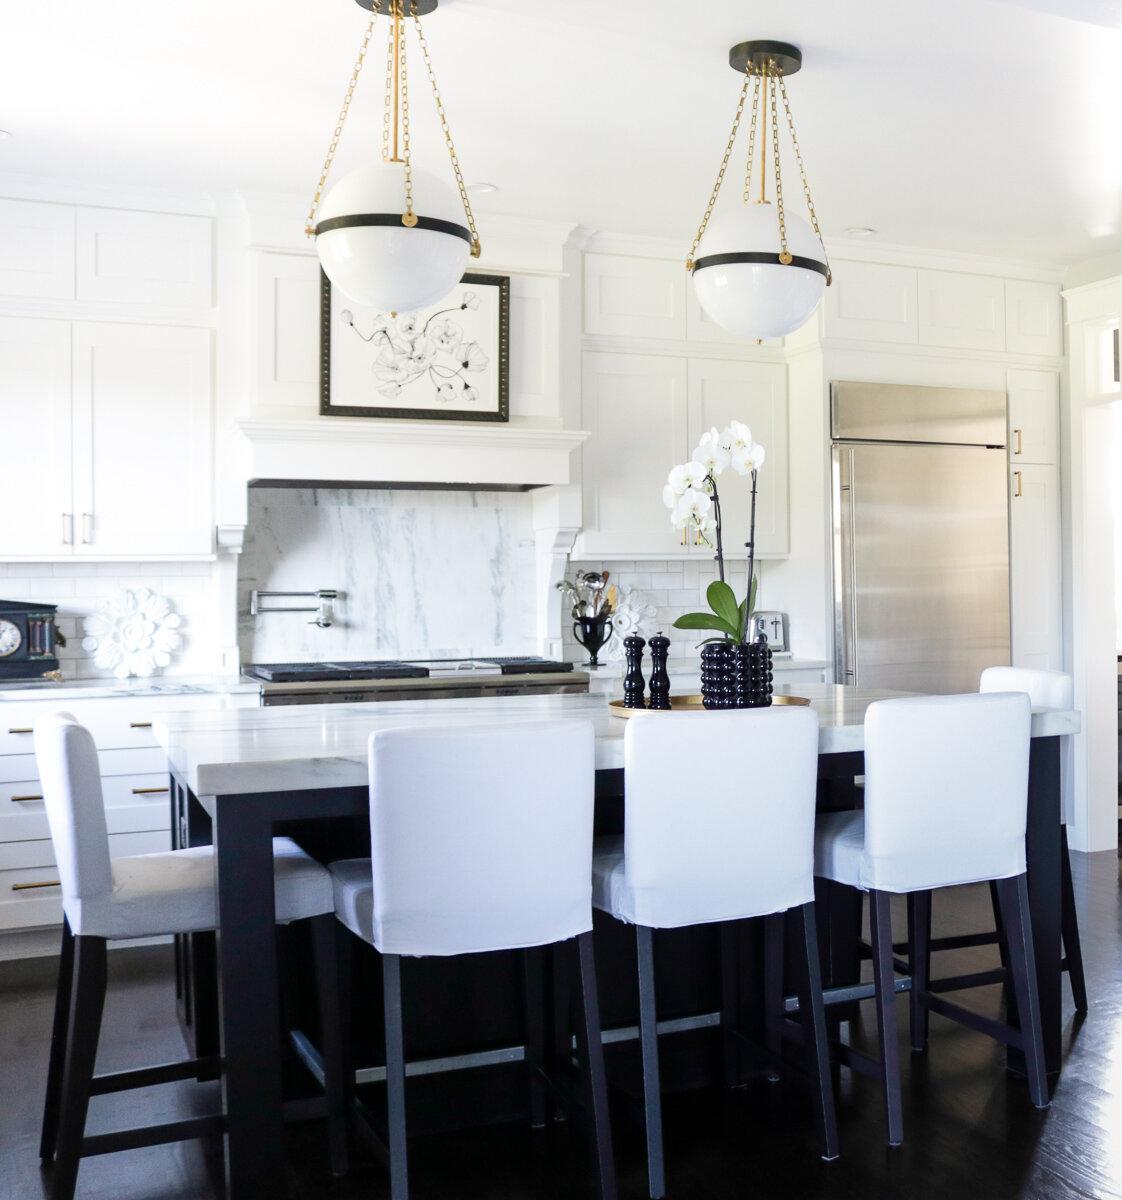 Kelle Dame Interiors kitchen design white  cabinet to crop-2.jpg